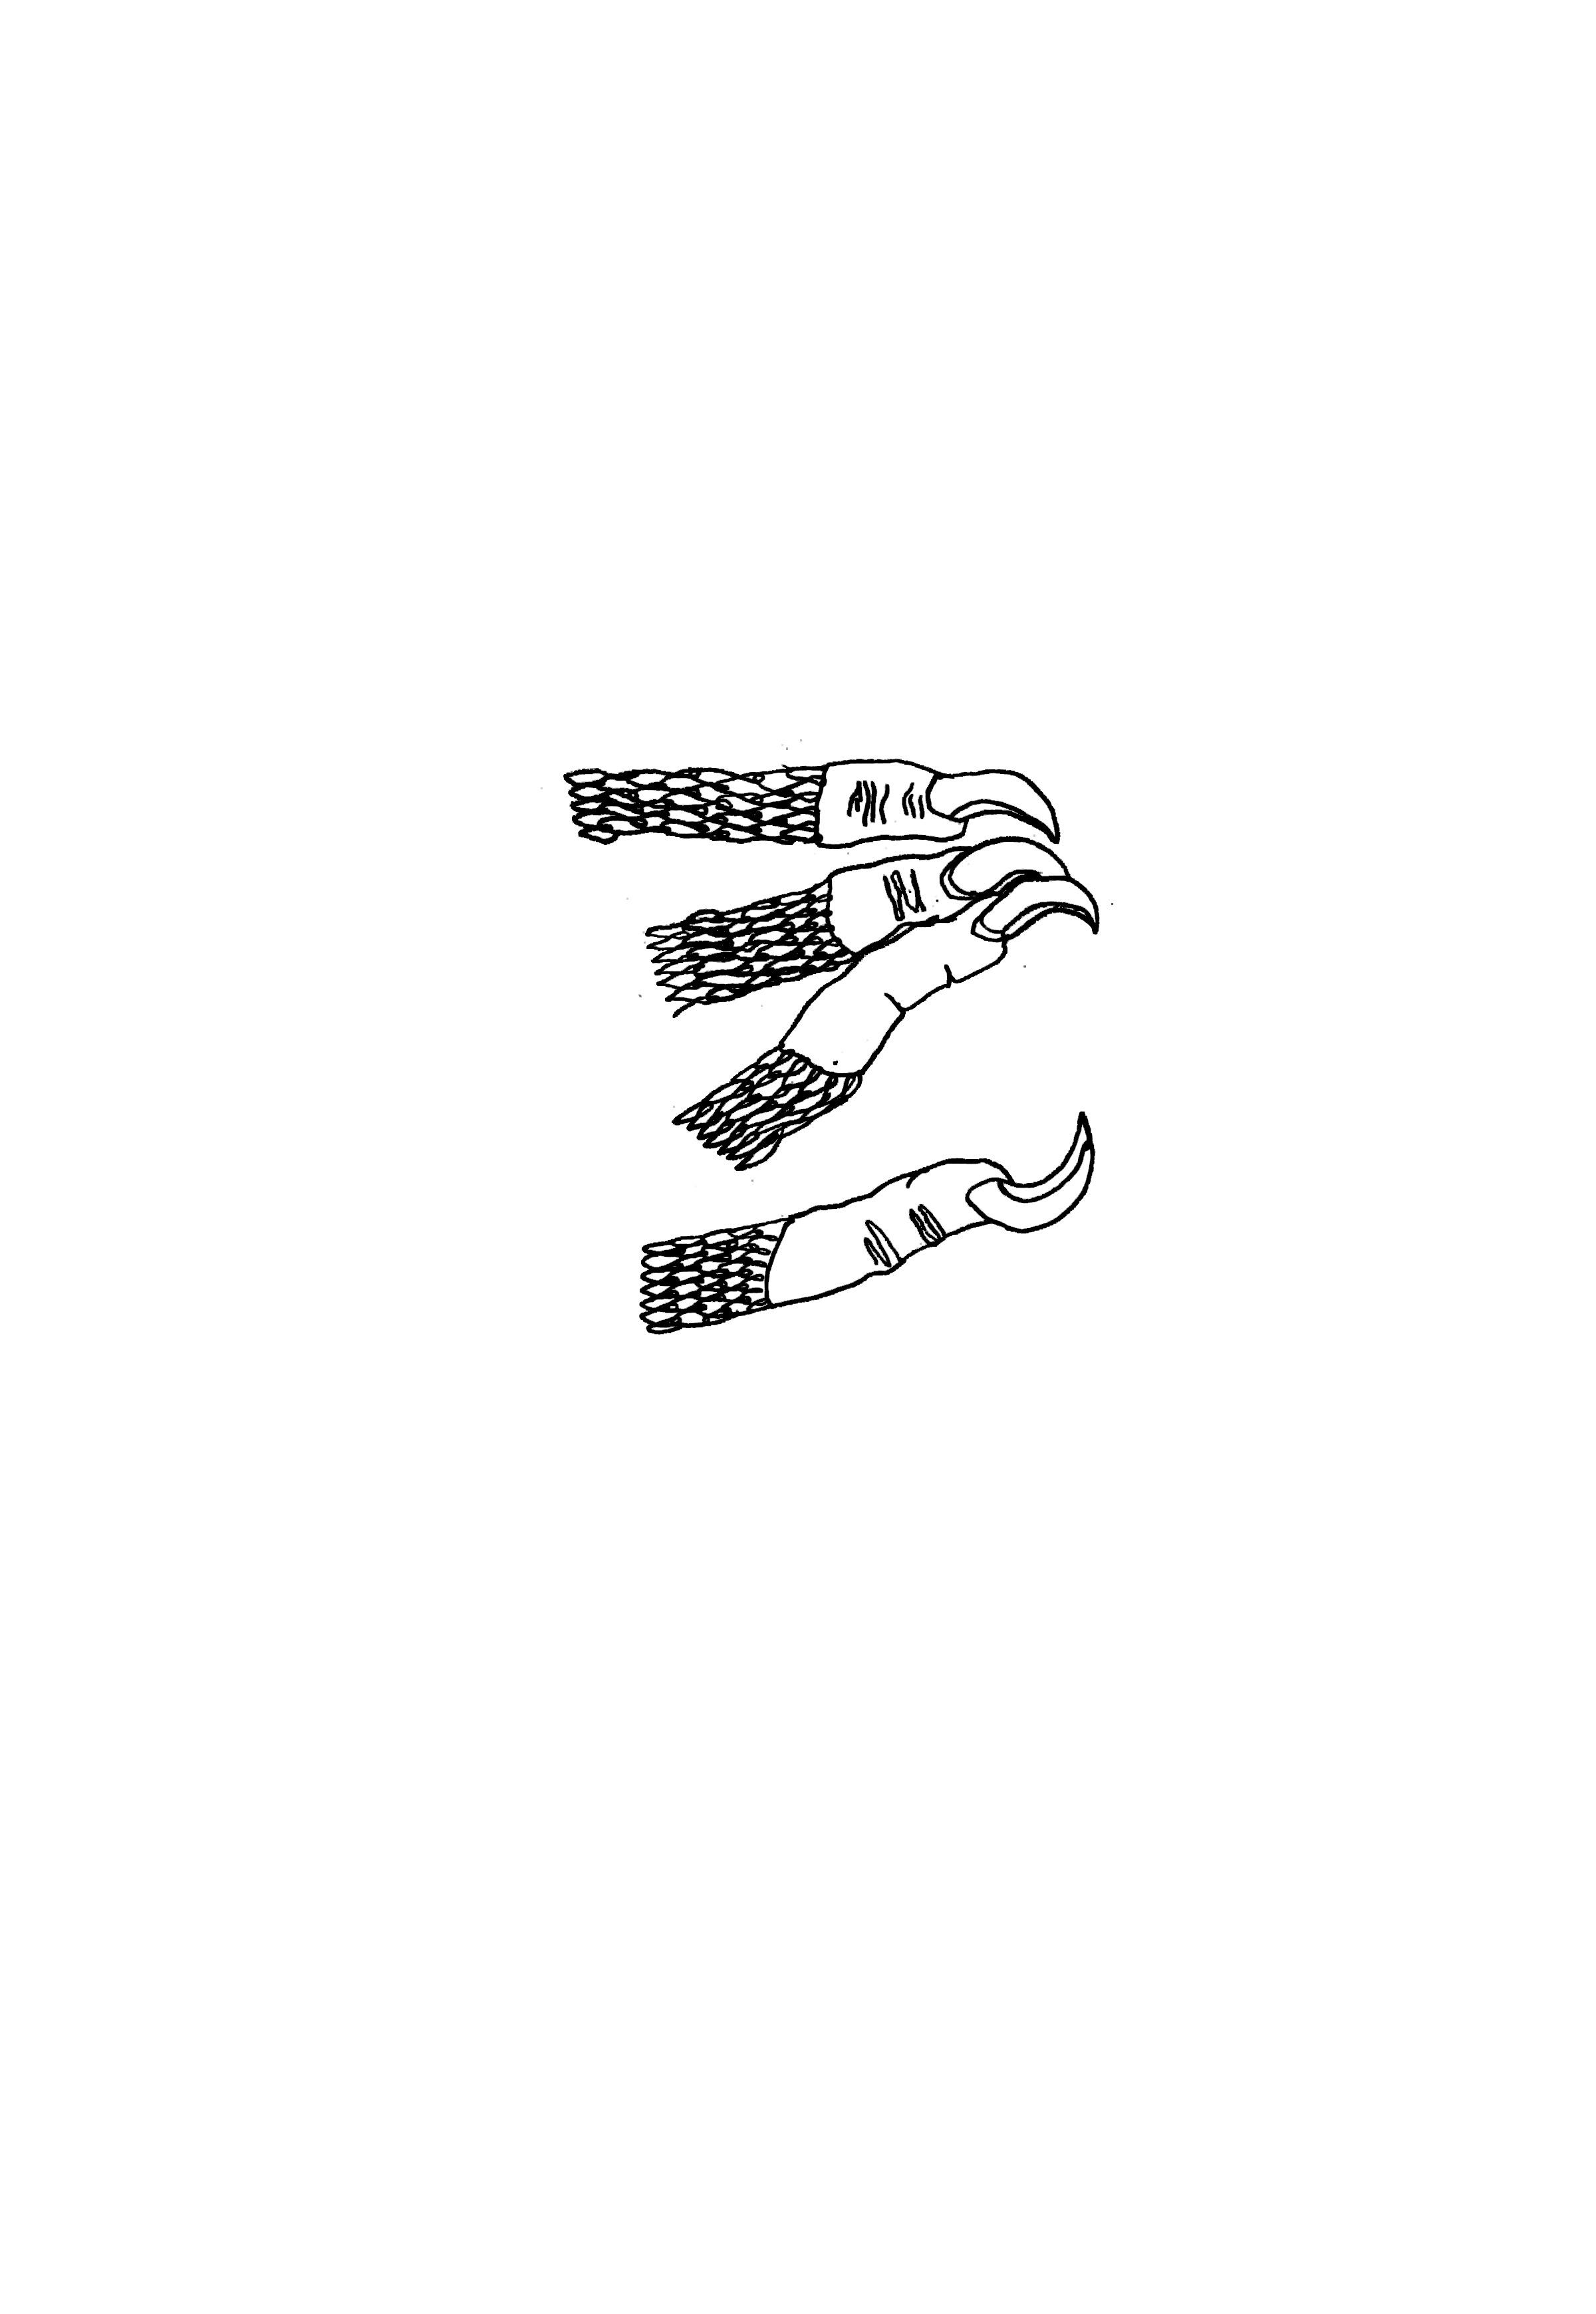 doigtsgriffes